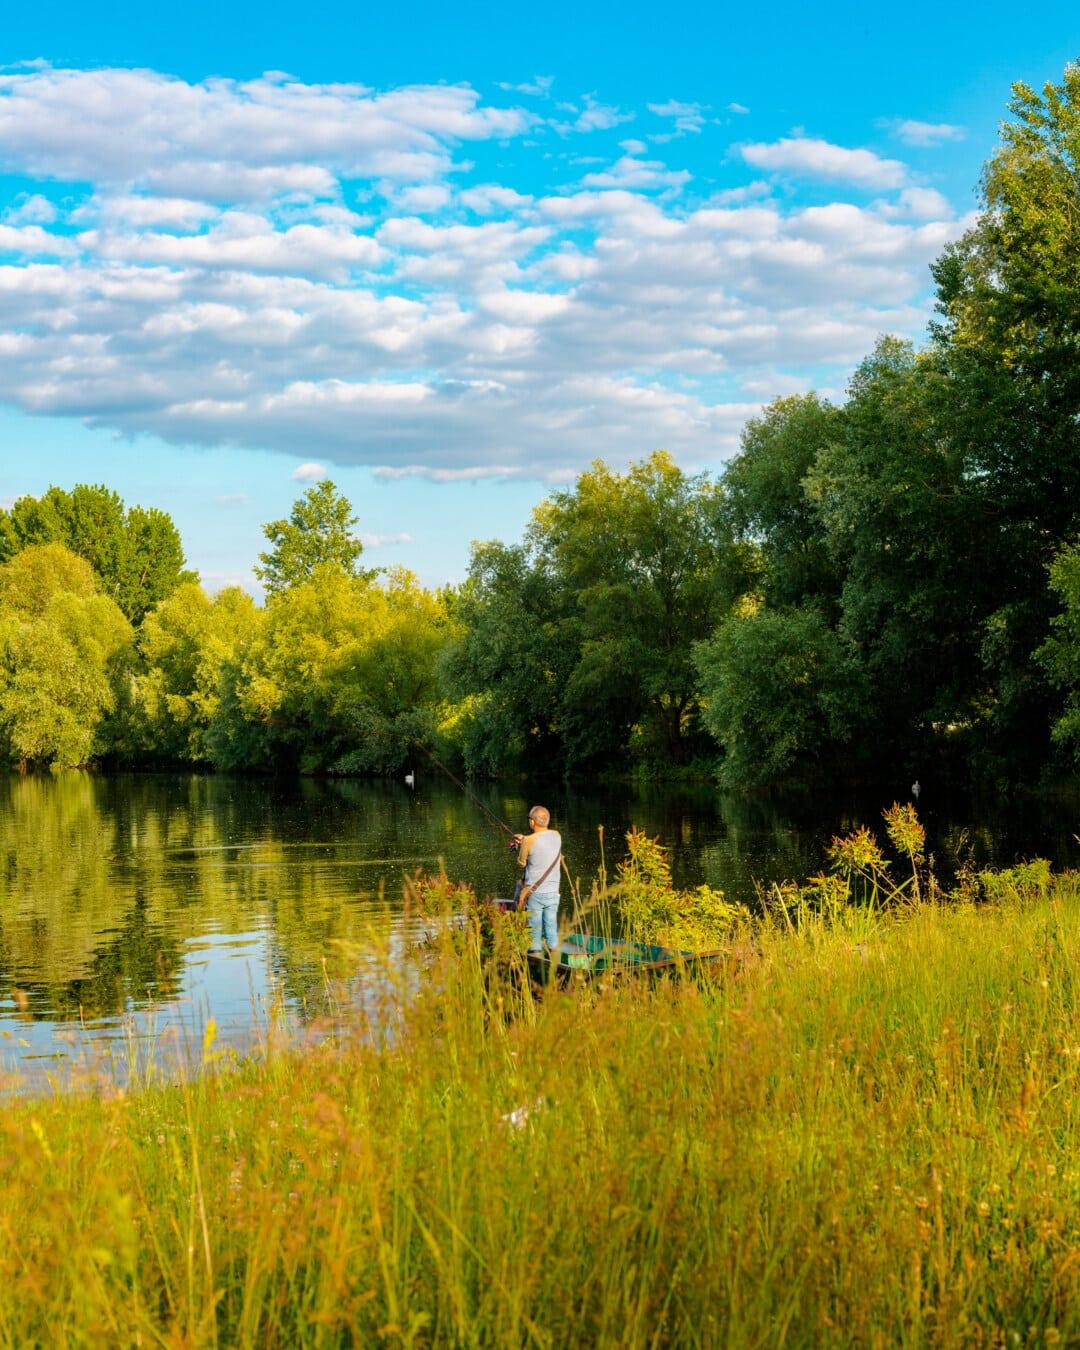 риболовен прът, Риболов, рибарска лодка, рибар, трева, гора, пейзаж, дърво, семена, рапица